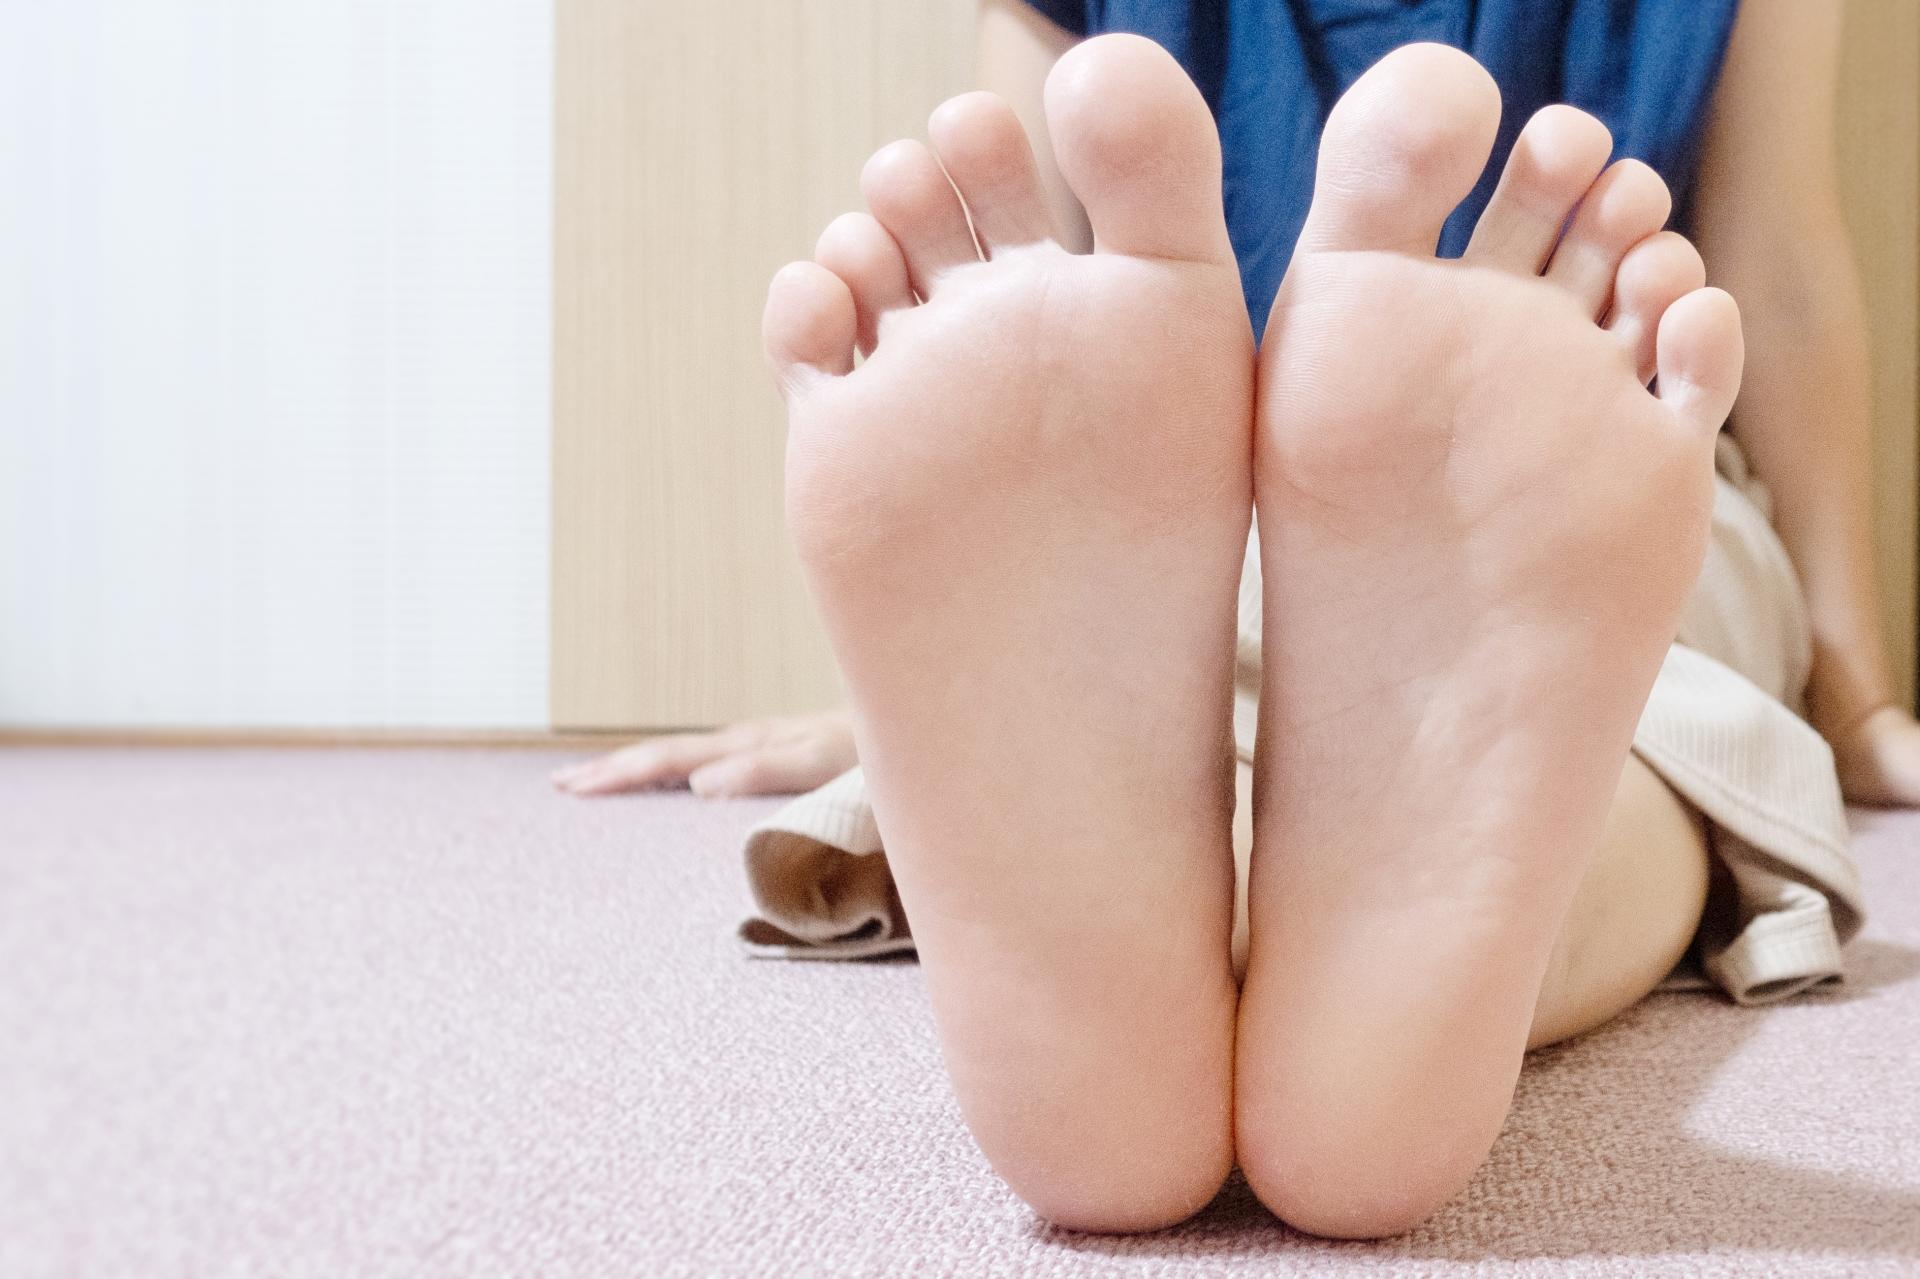 足幅の実寸によるウィズ(ワイズ)